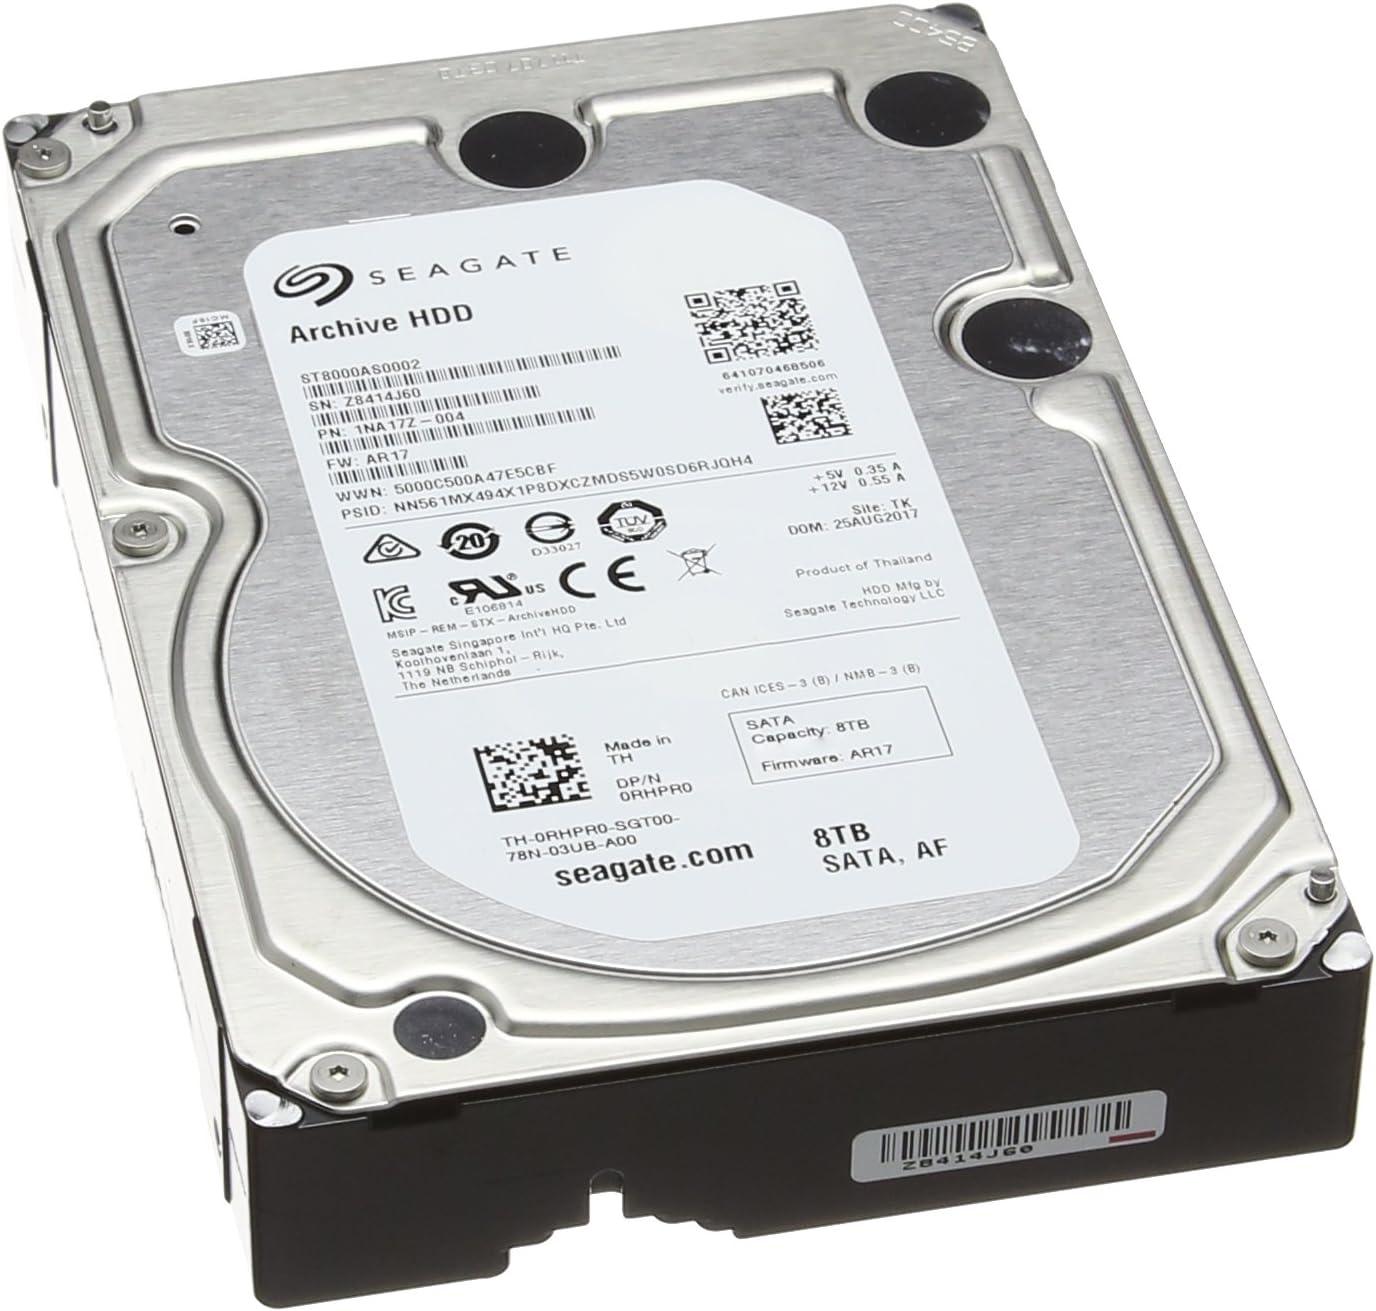 Seagate Archive Hdd 8 Tb Interne Festplatte 3 5 Zoll Computer Zubehör